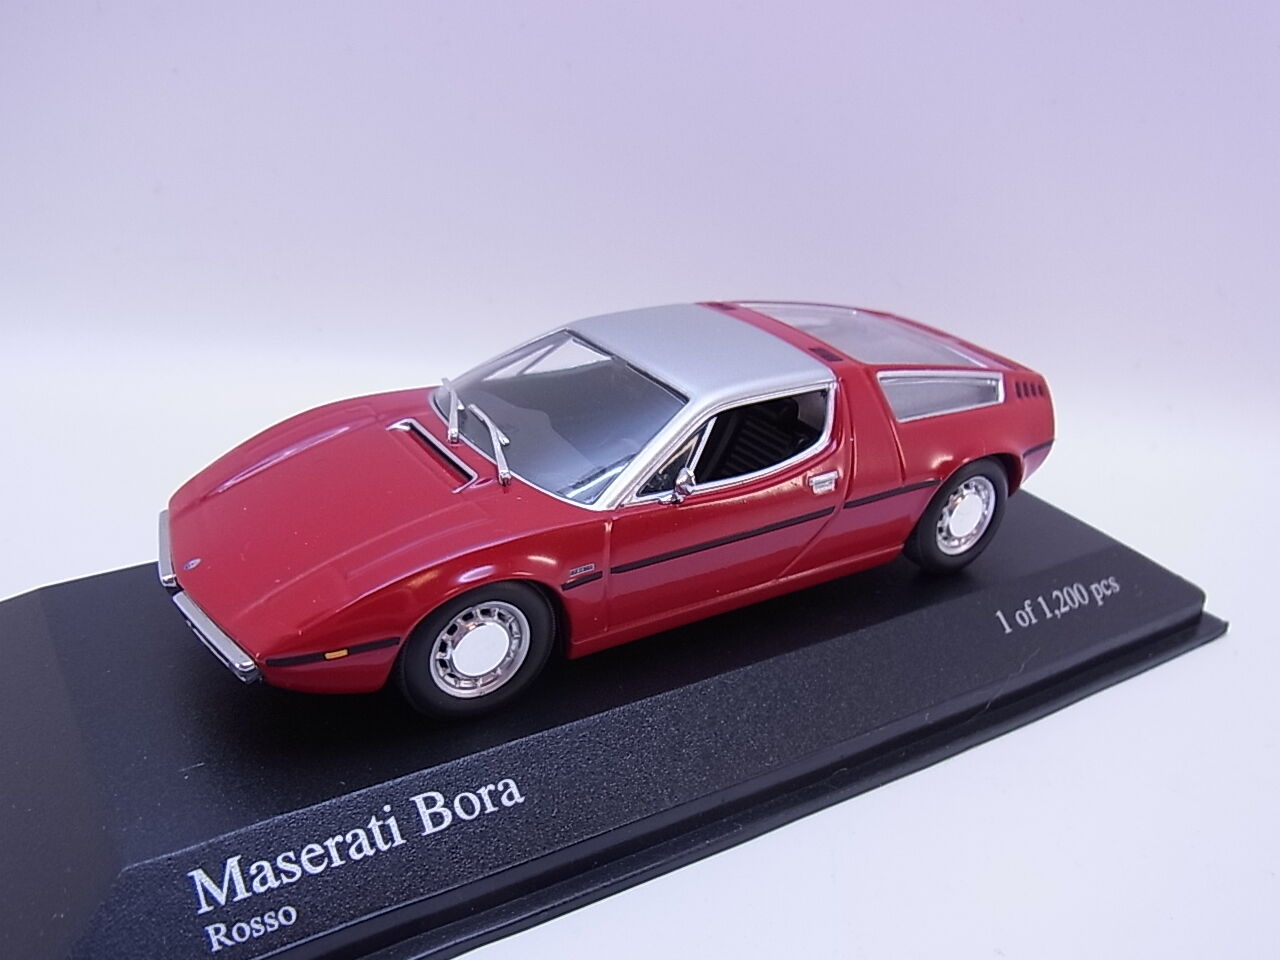 Lot 26205   MINICHAMPS 400123404 Maserati Bora 1972 Voiture Miniature 1 43 neuf dans sa boîte